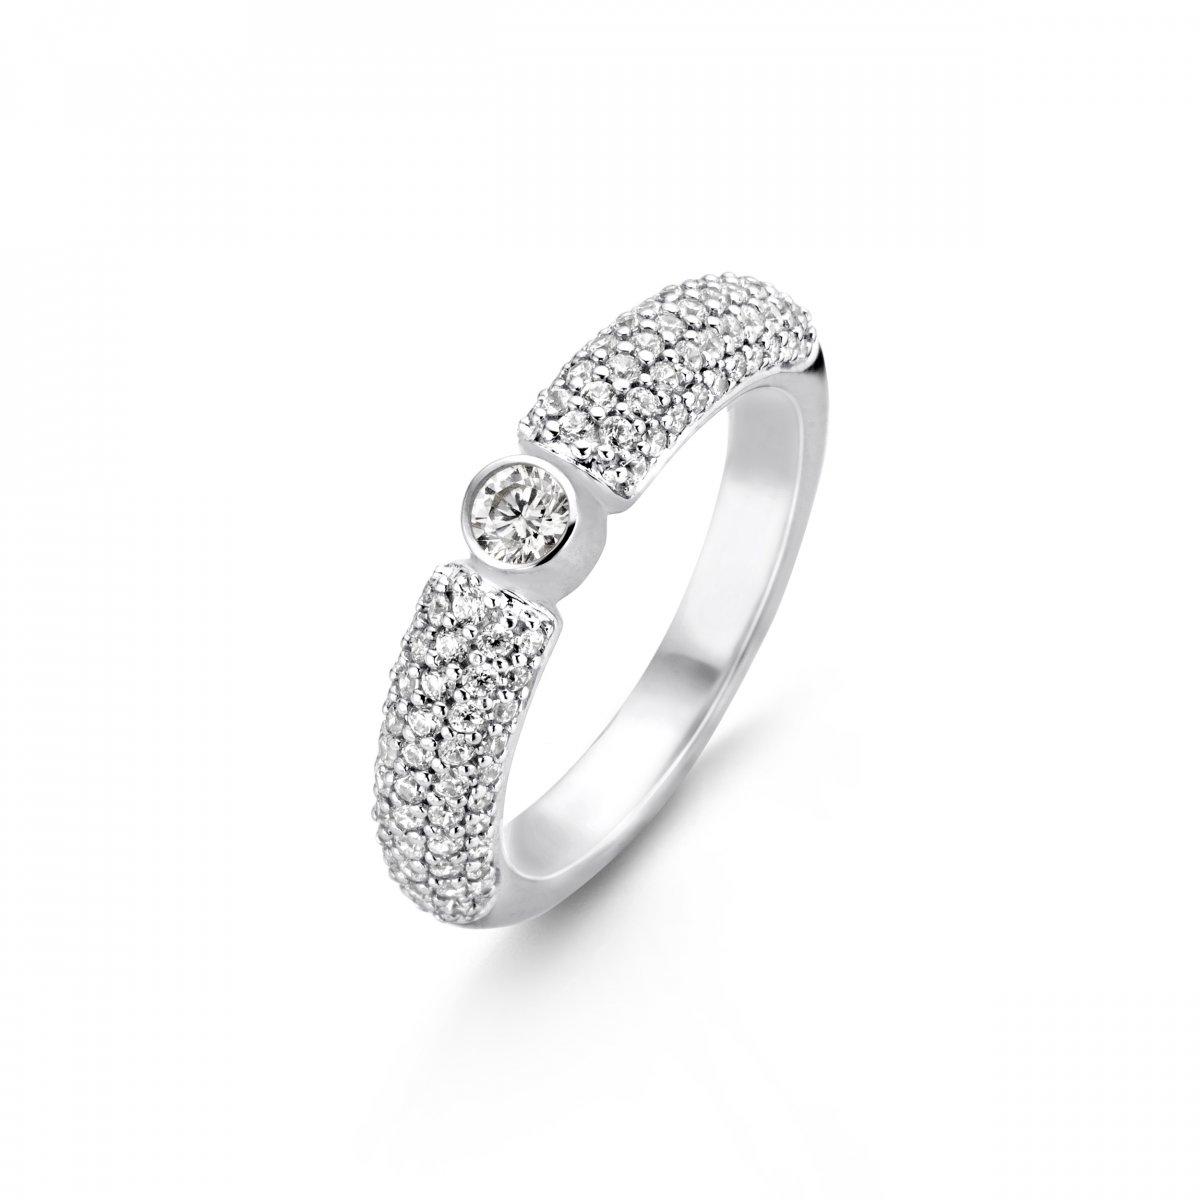 Strieborný prsteň TI SENTO